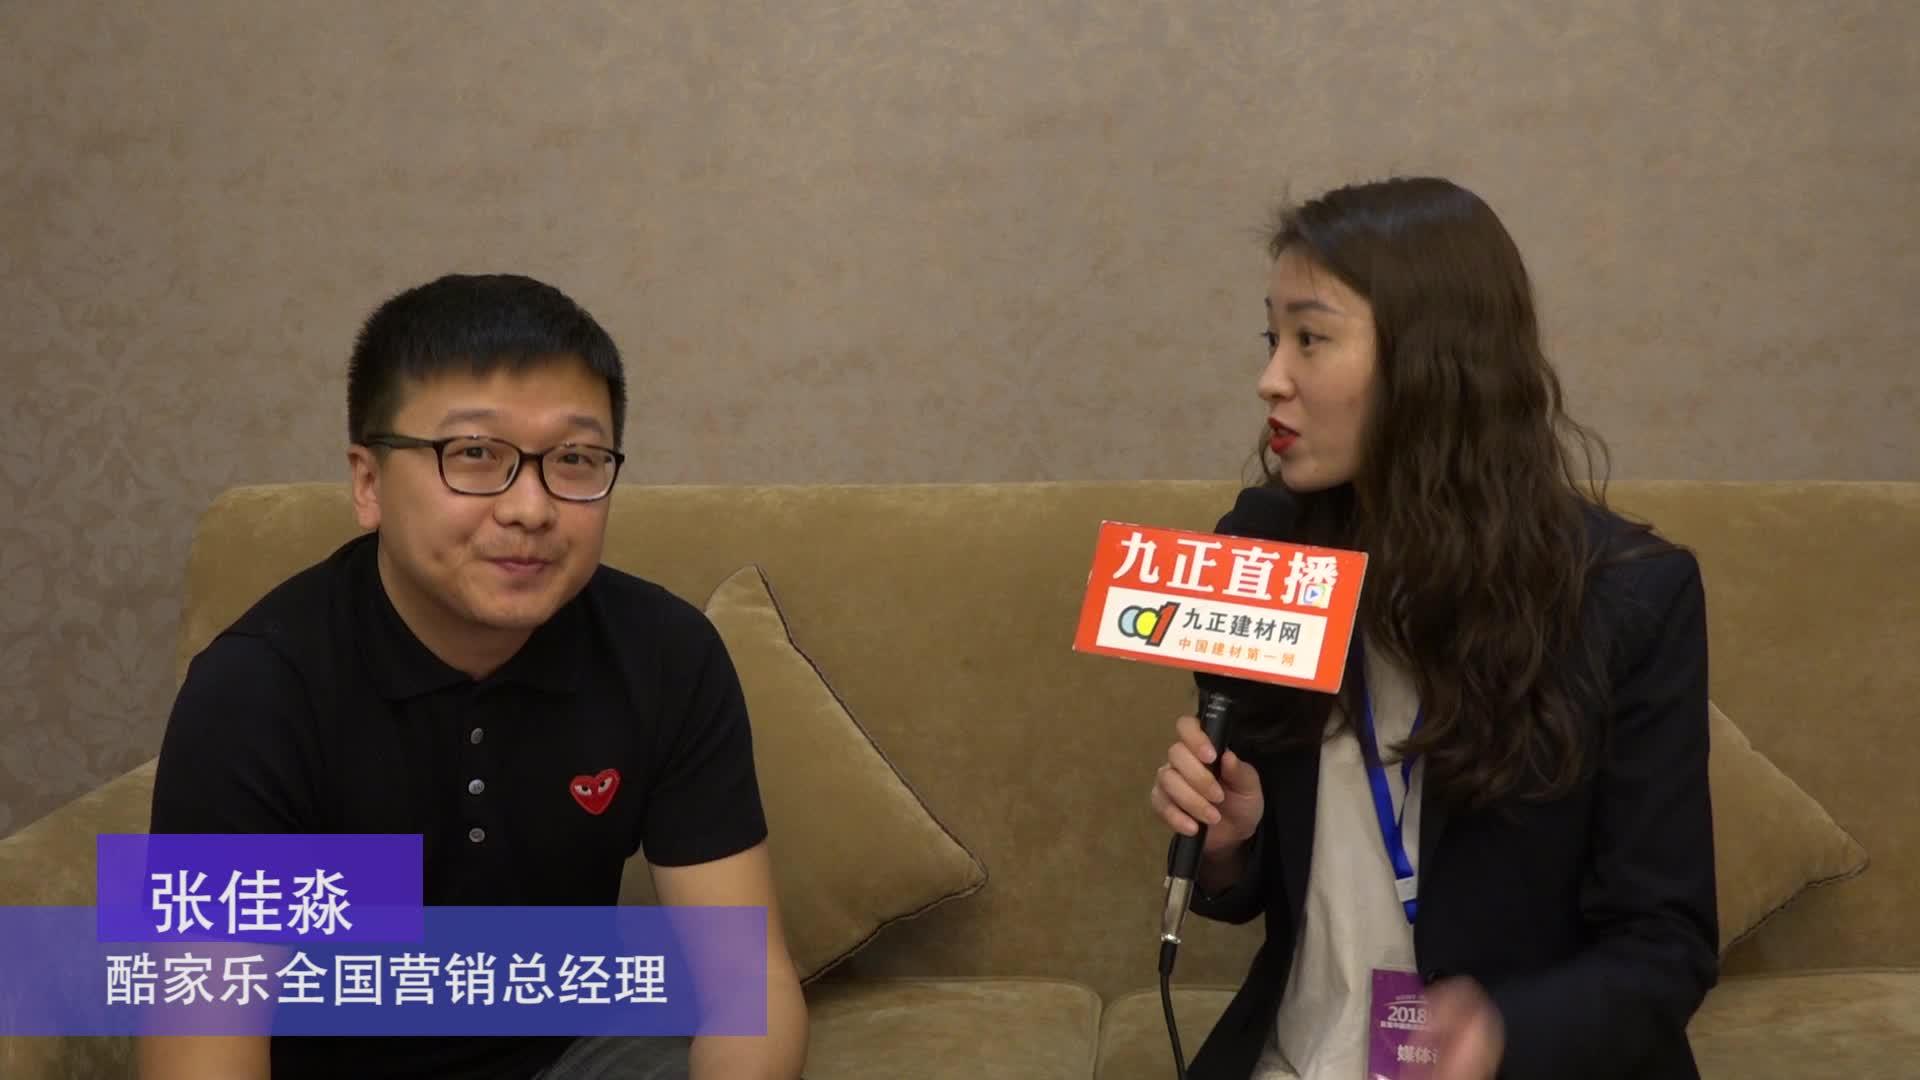 酷家乐全国营销总经理张佳淼专访